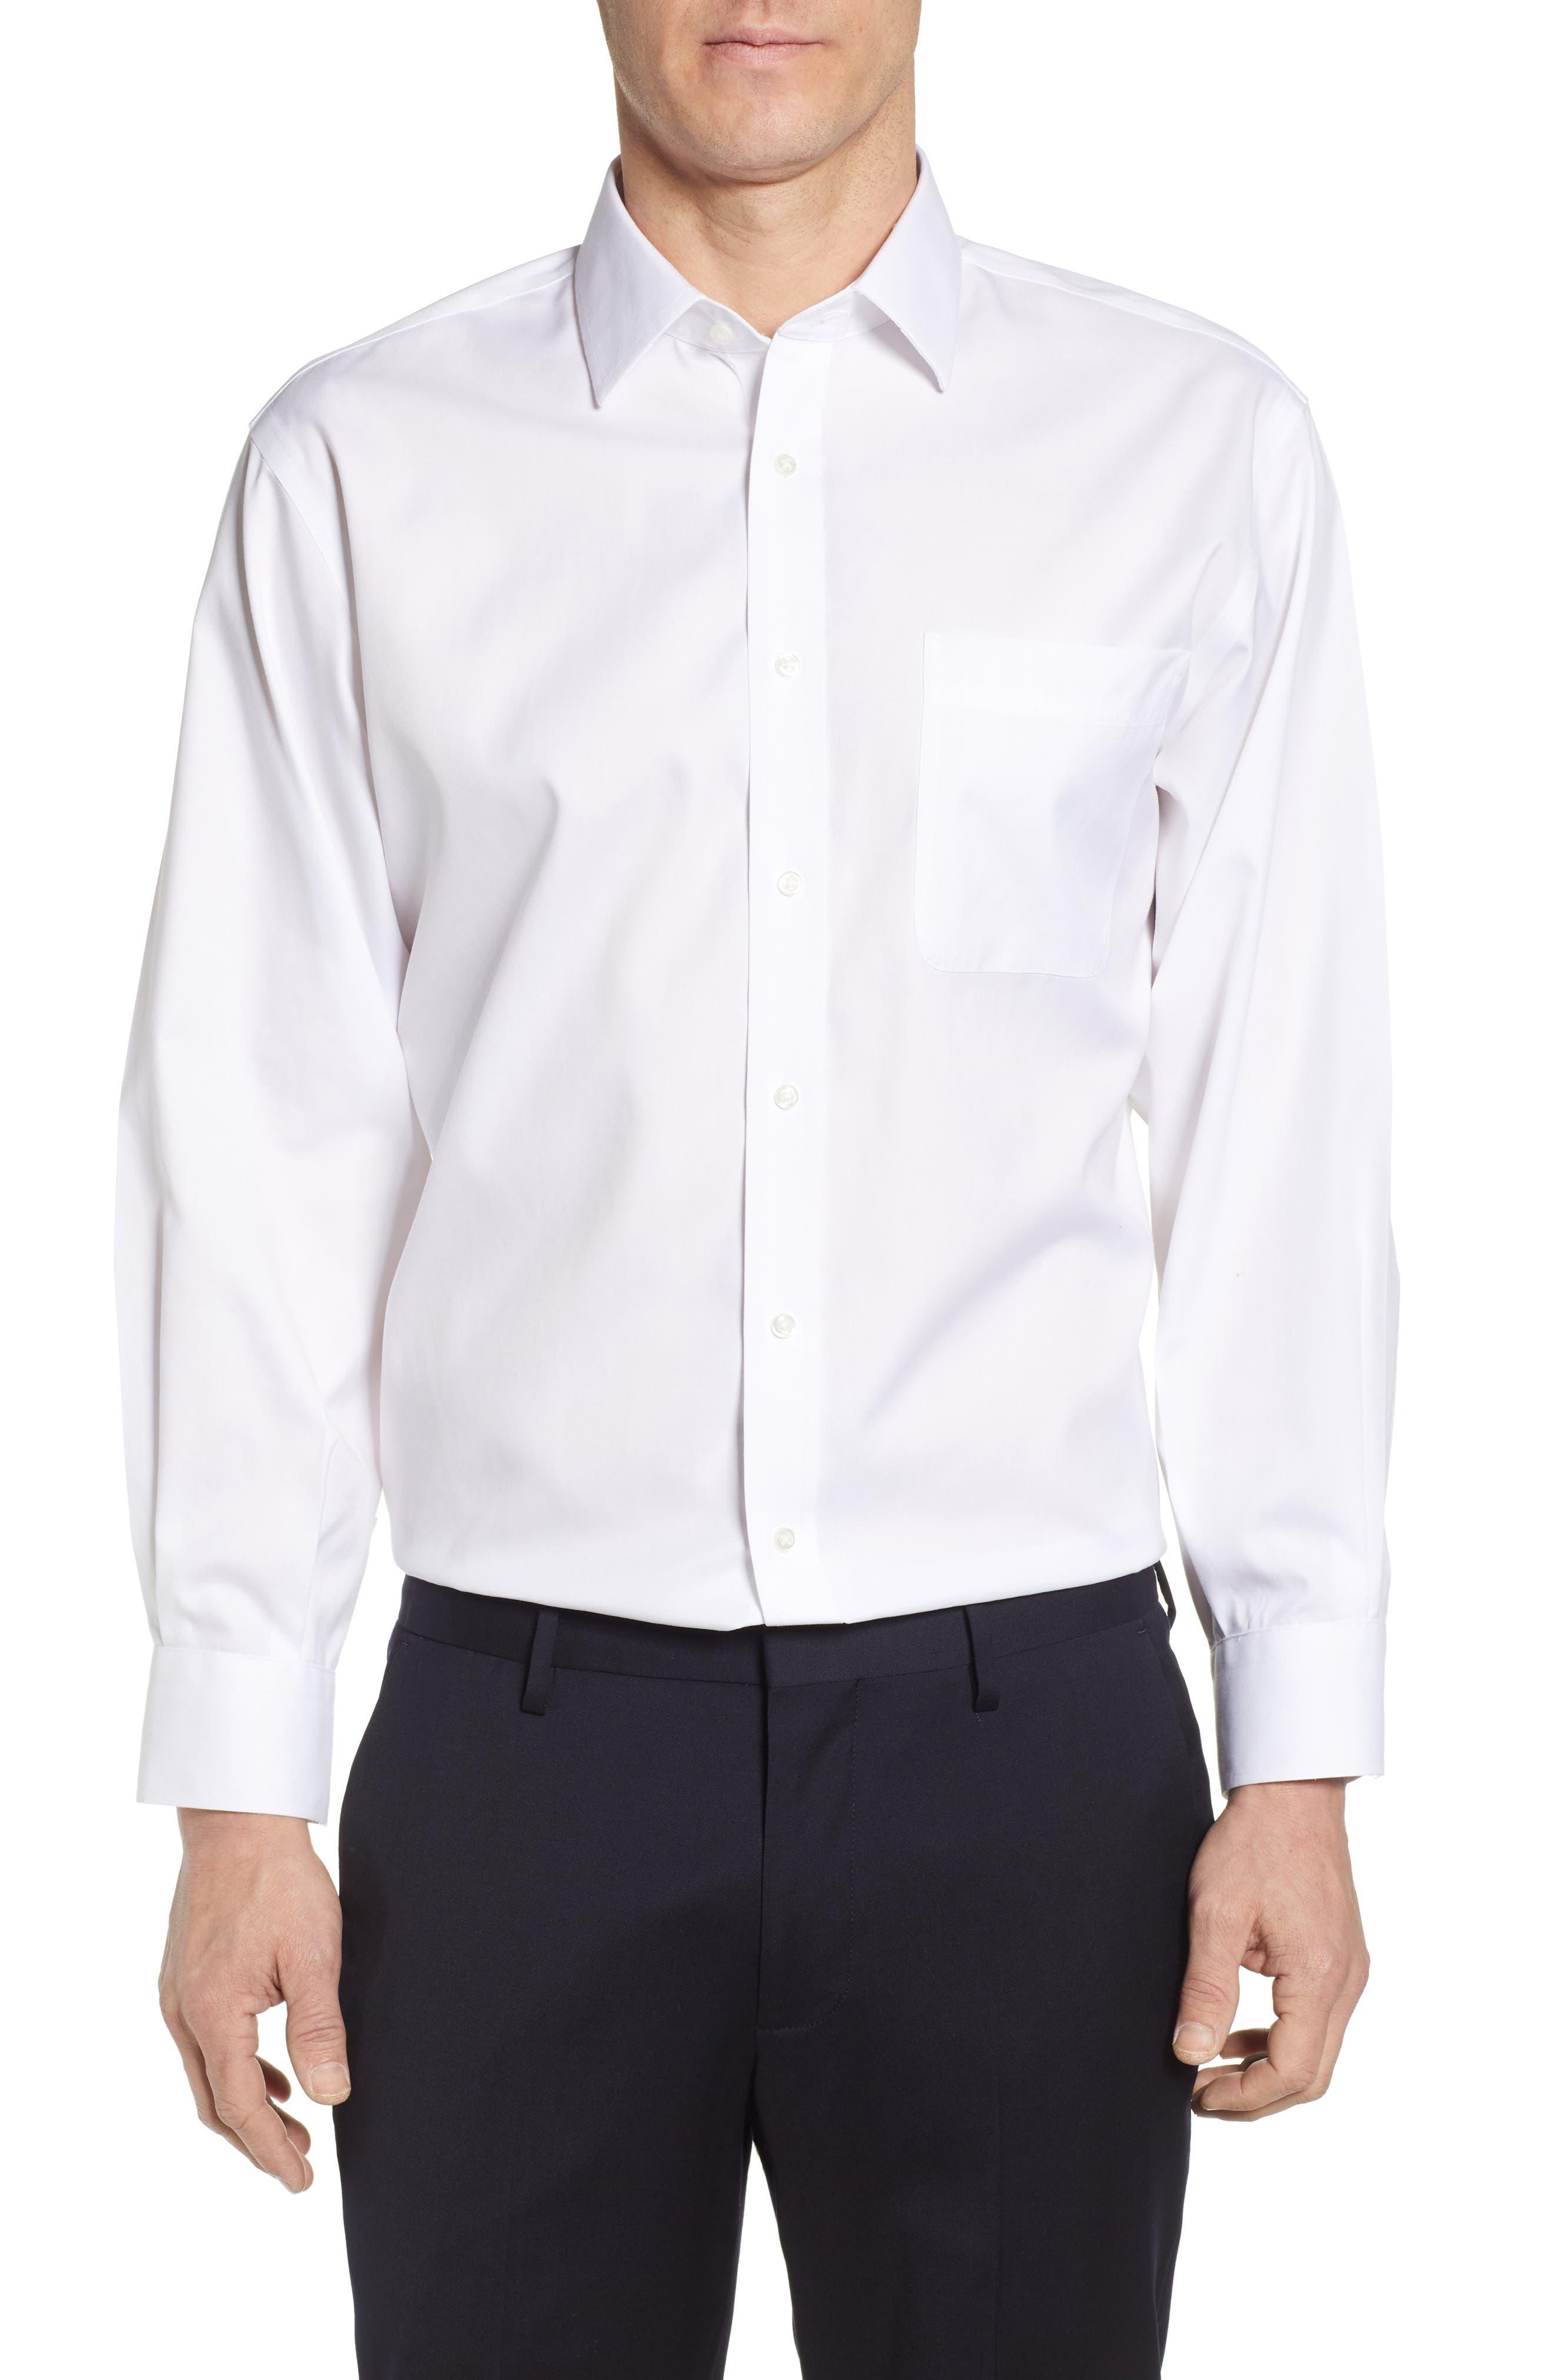 NORDSTROM MEN'S SHOP, Smartcare<sup>™</sup> Classic Fit Solid Dress Shirt, Main thumbnail 1, color, WHITE BRILLIANT